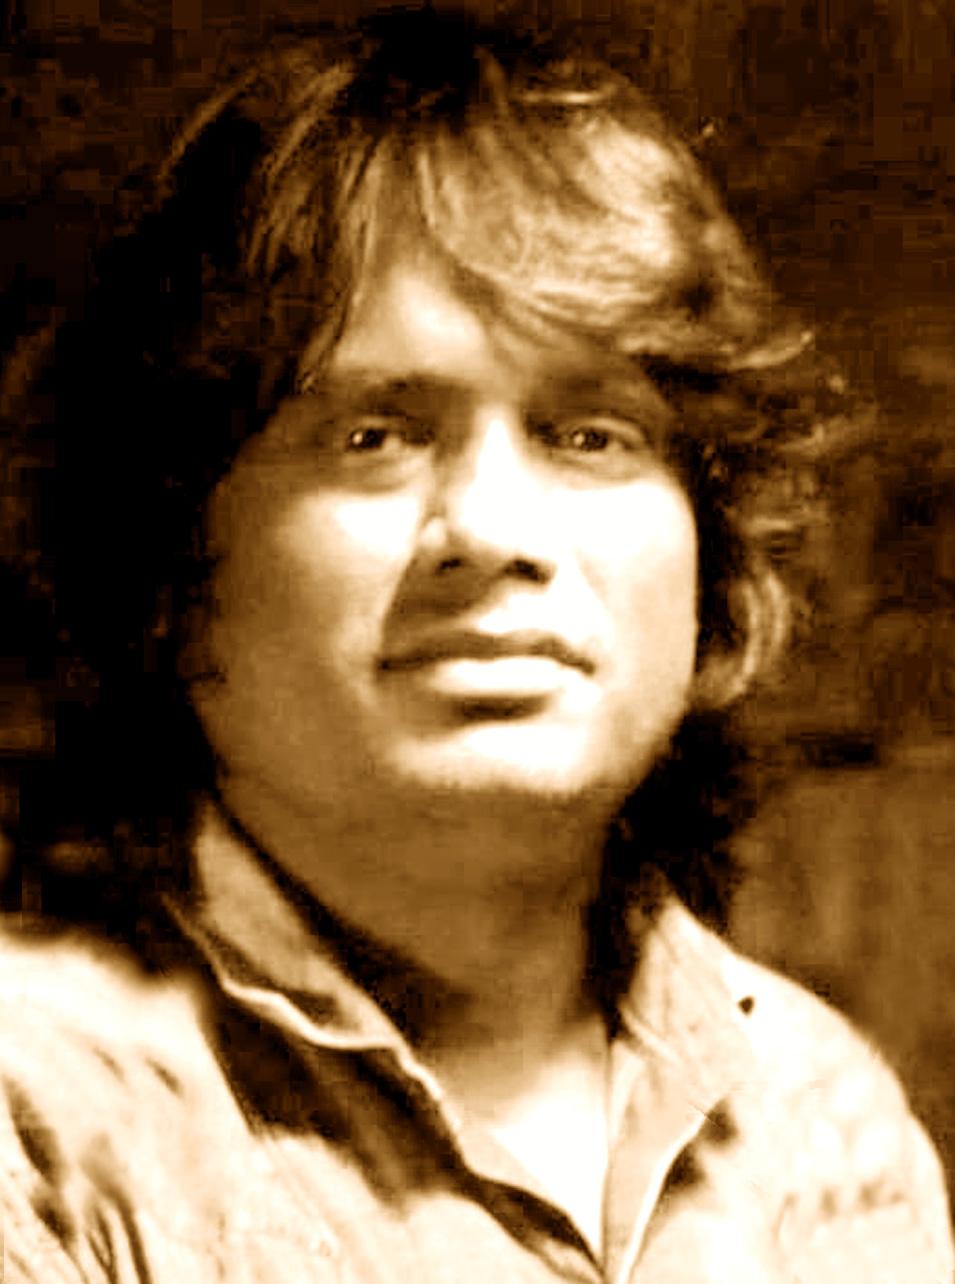 Mahmud Hasan Sikder